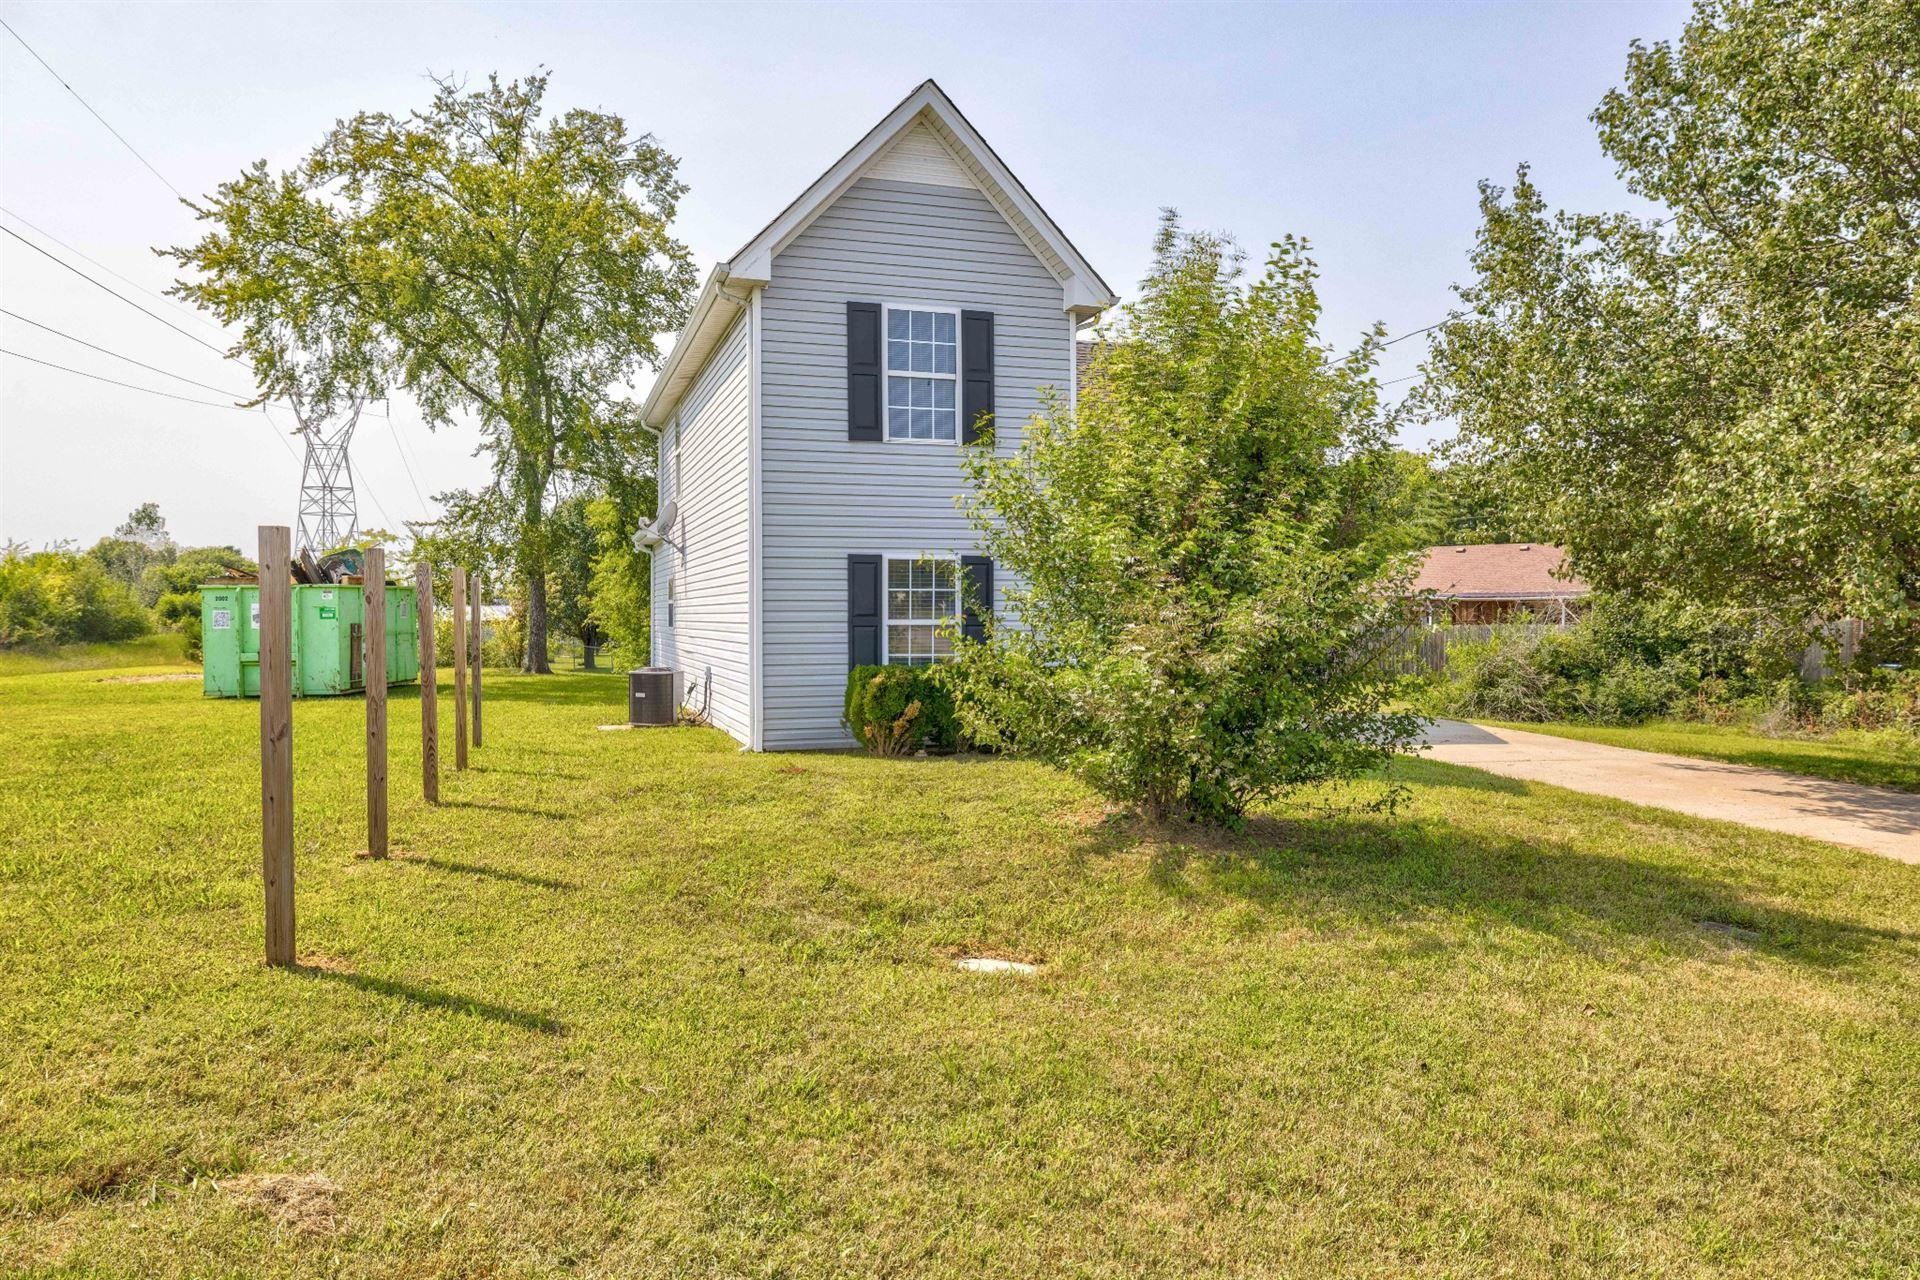 Photo of 2304 Chandler Pl, Murfreesboro, TN 37130 (MLS # 2290329)